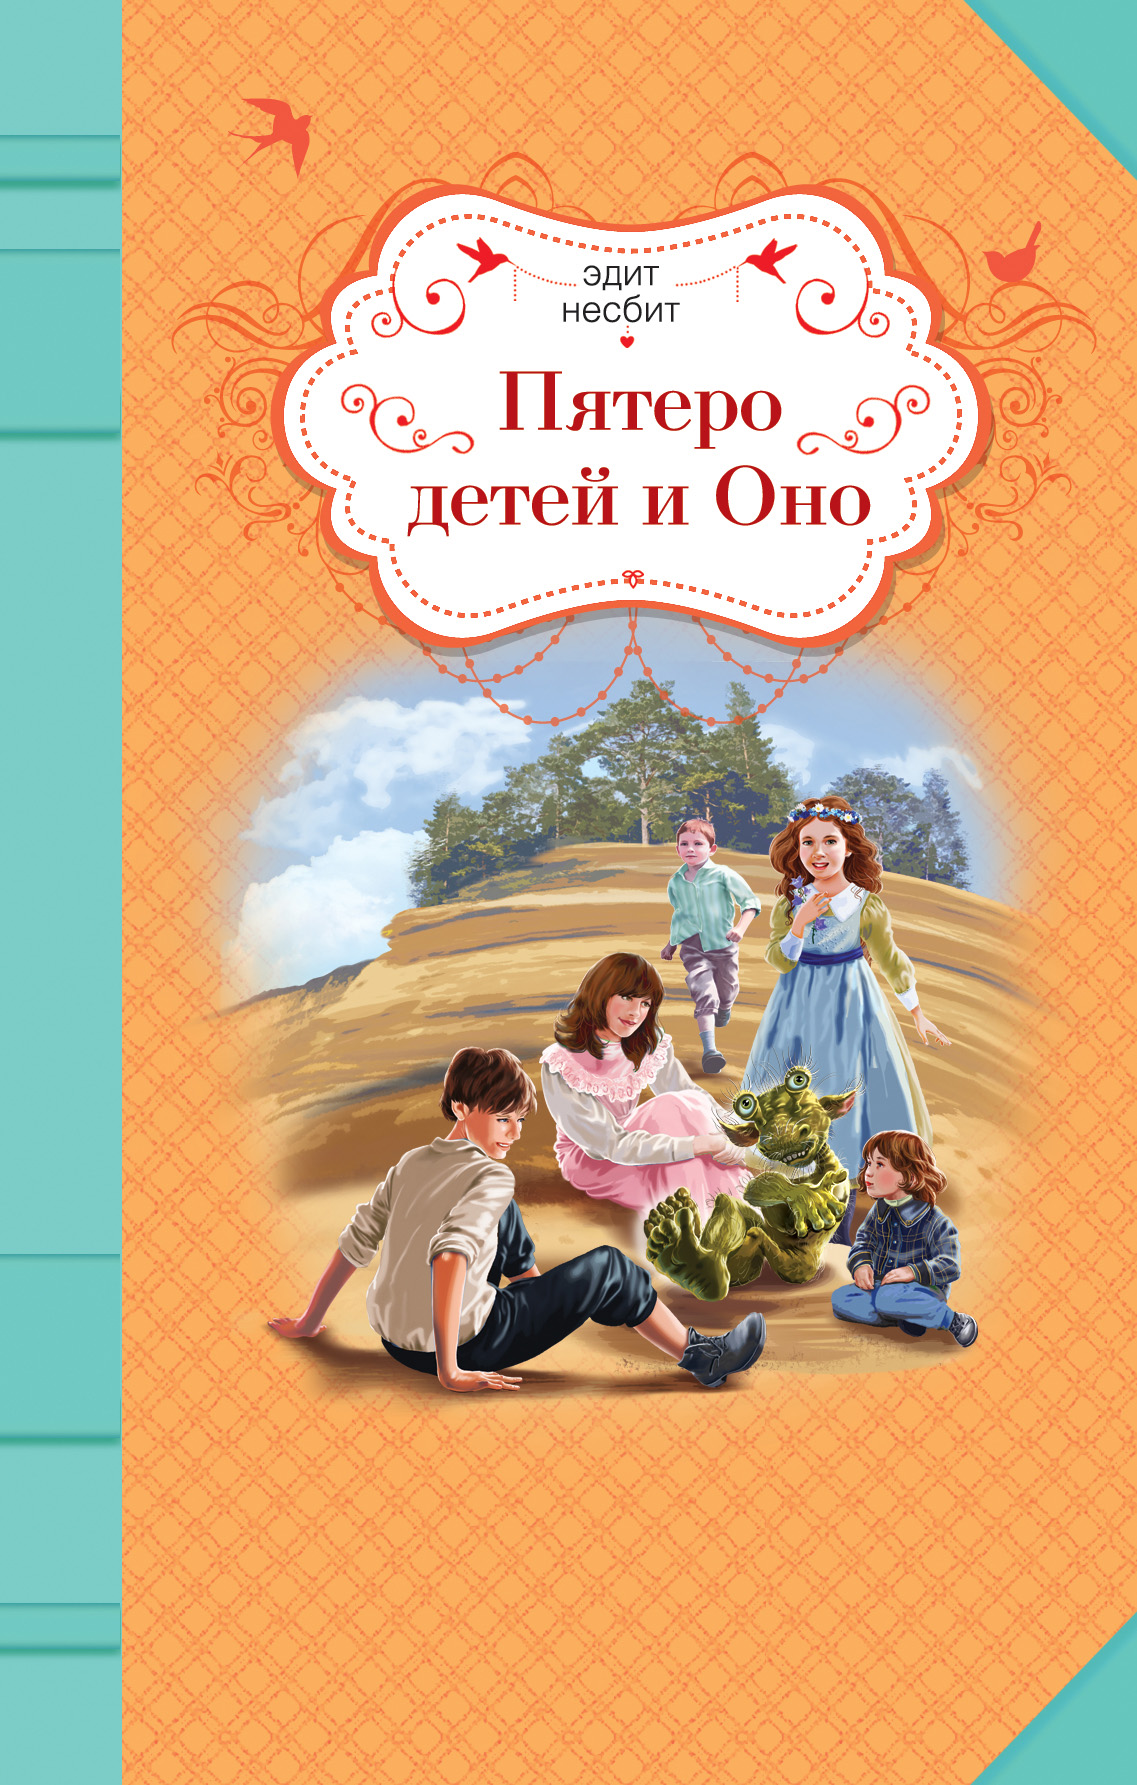 Пятеро детей и Оно